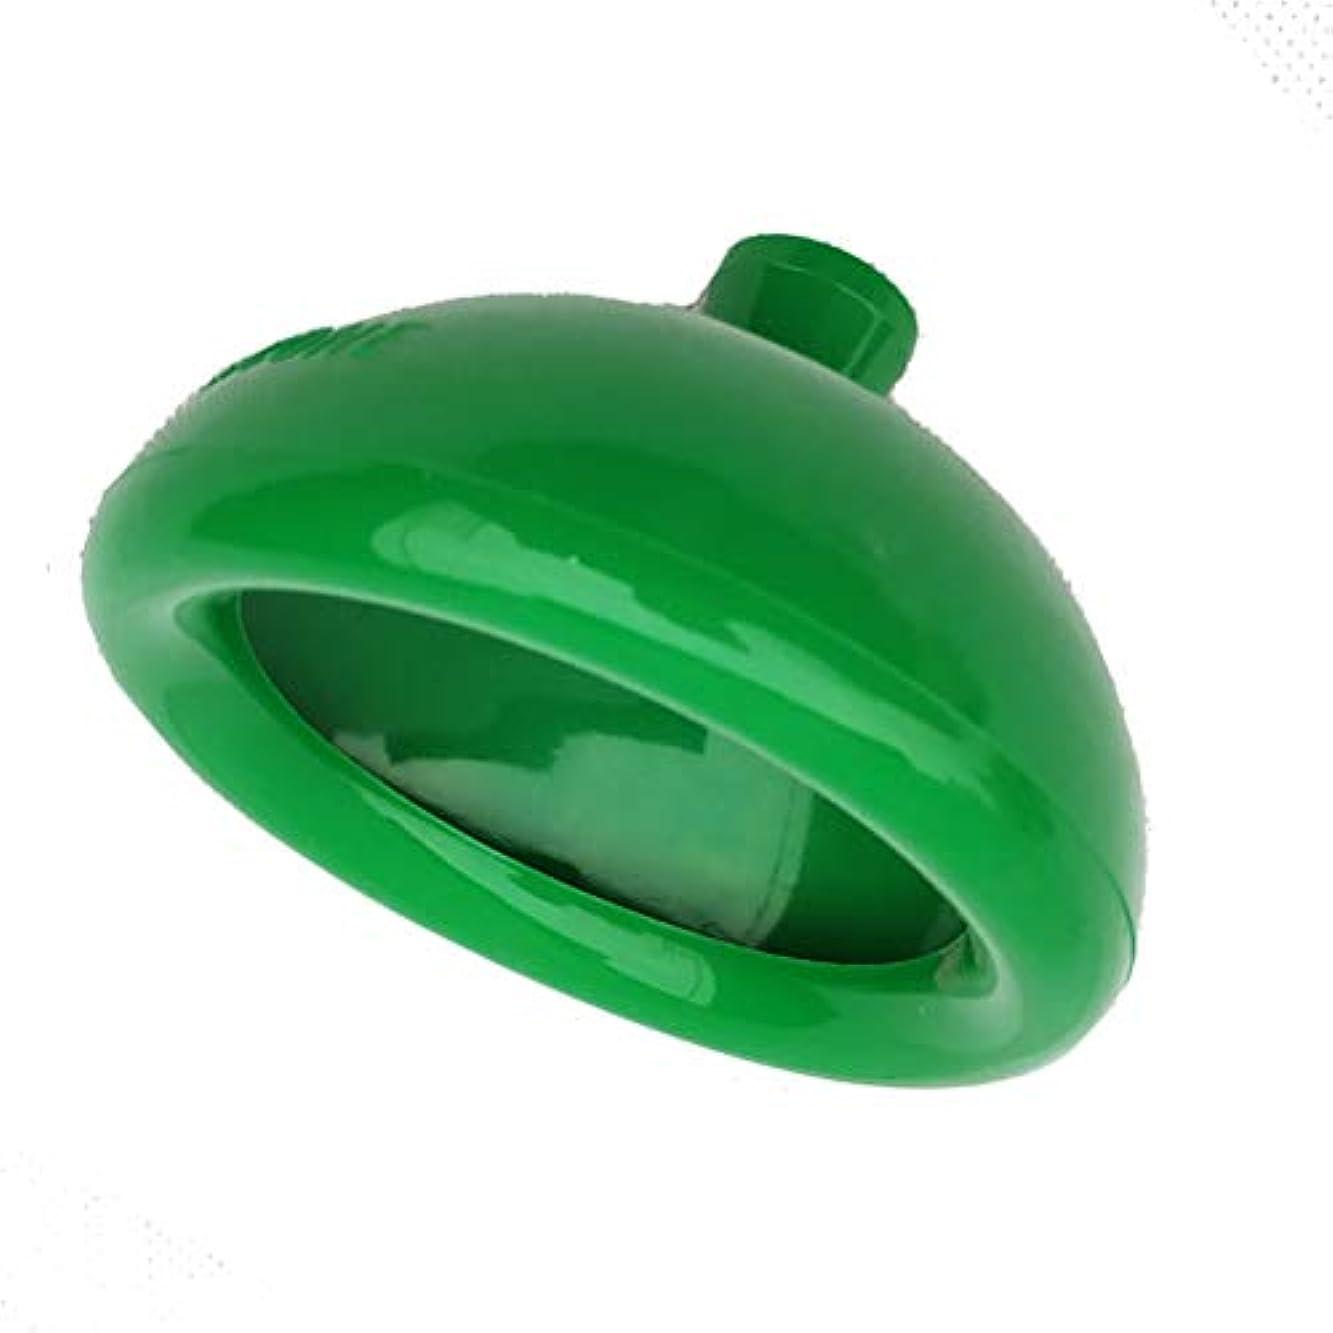 青確執クレタ子供シリコーン高齢者のためのシリコーンゲル圧力ドラムマッサージ痰カップ痰げっぷダイジェストヘルパー